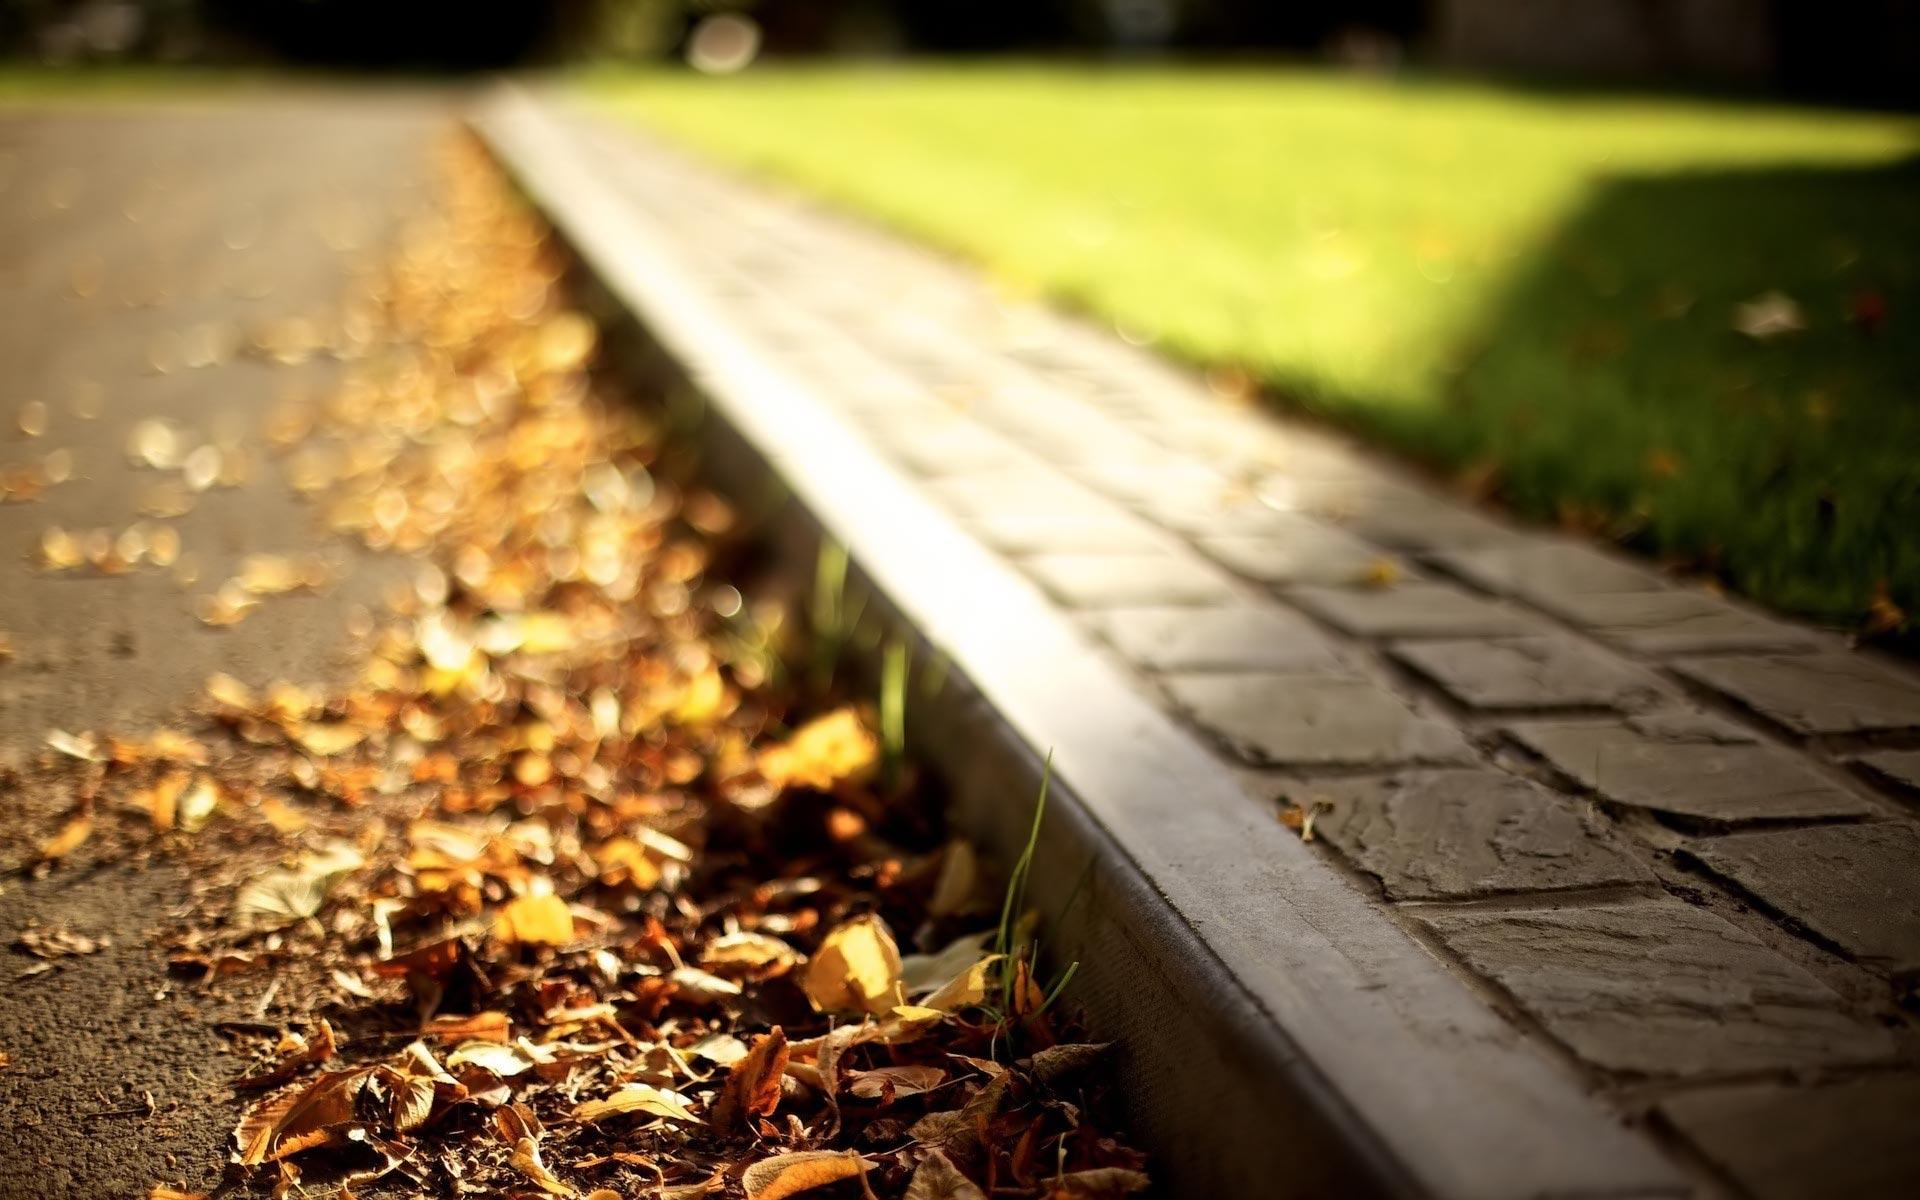 Cool Sidewalk Wallpaper 42049 2560x1440 px